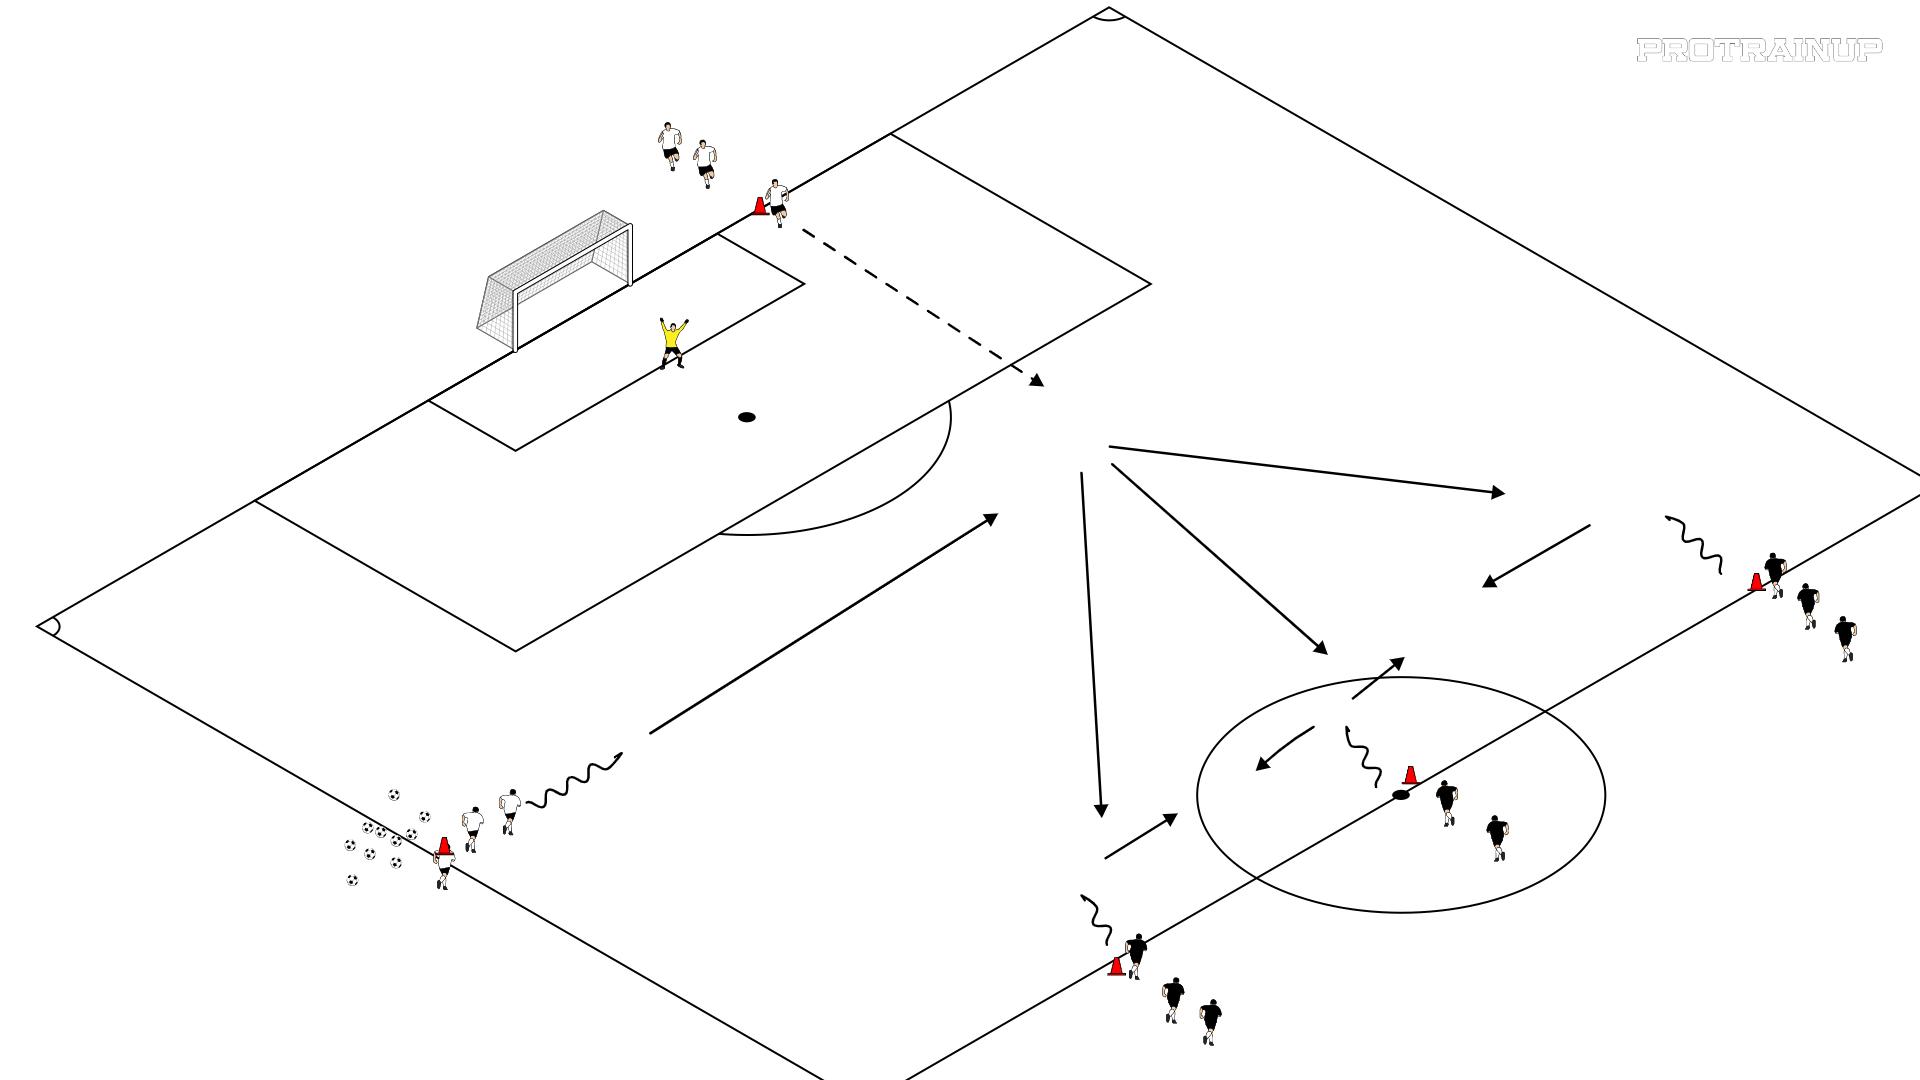 Gra w przewadze 3x2 + bramkarz